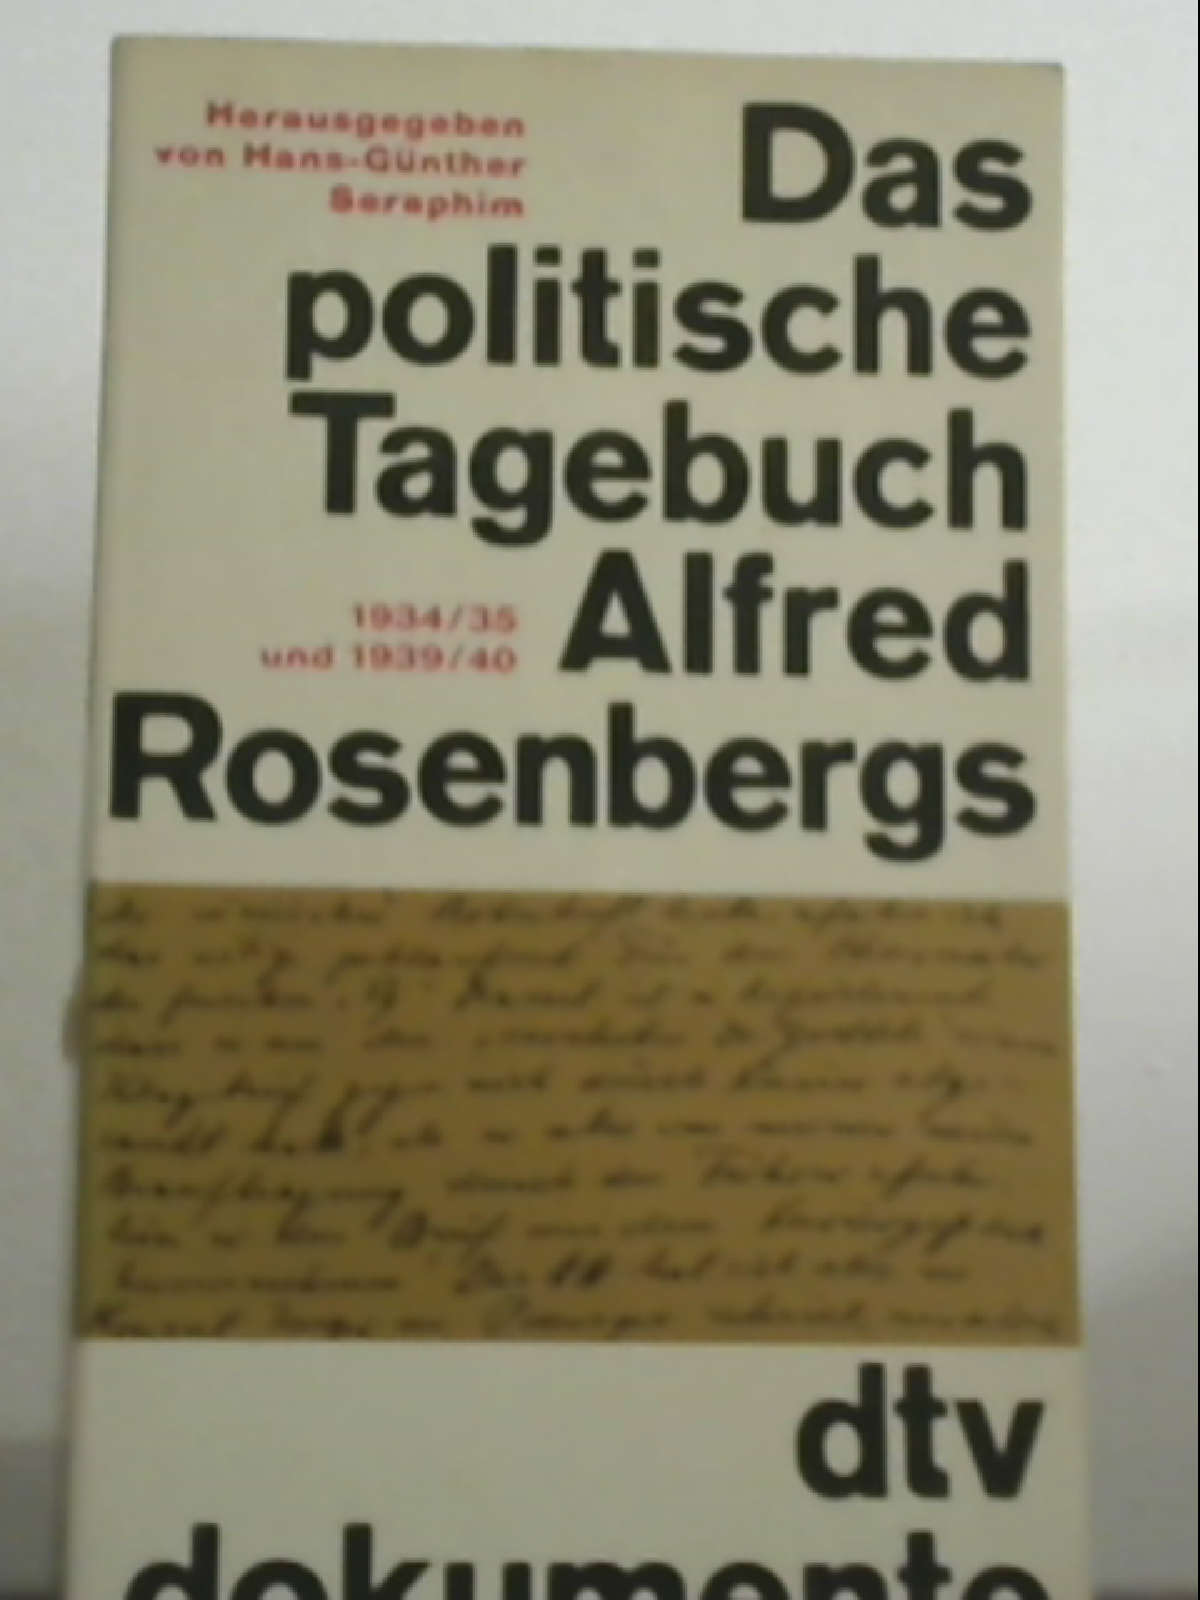 Das politische Tagebuch Alfred Rosenbergs: Alfred Rosenberg